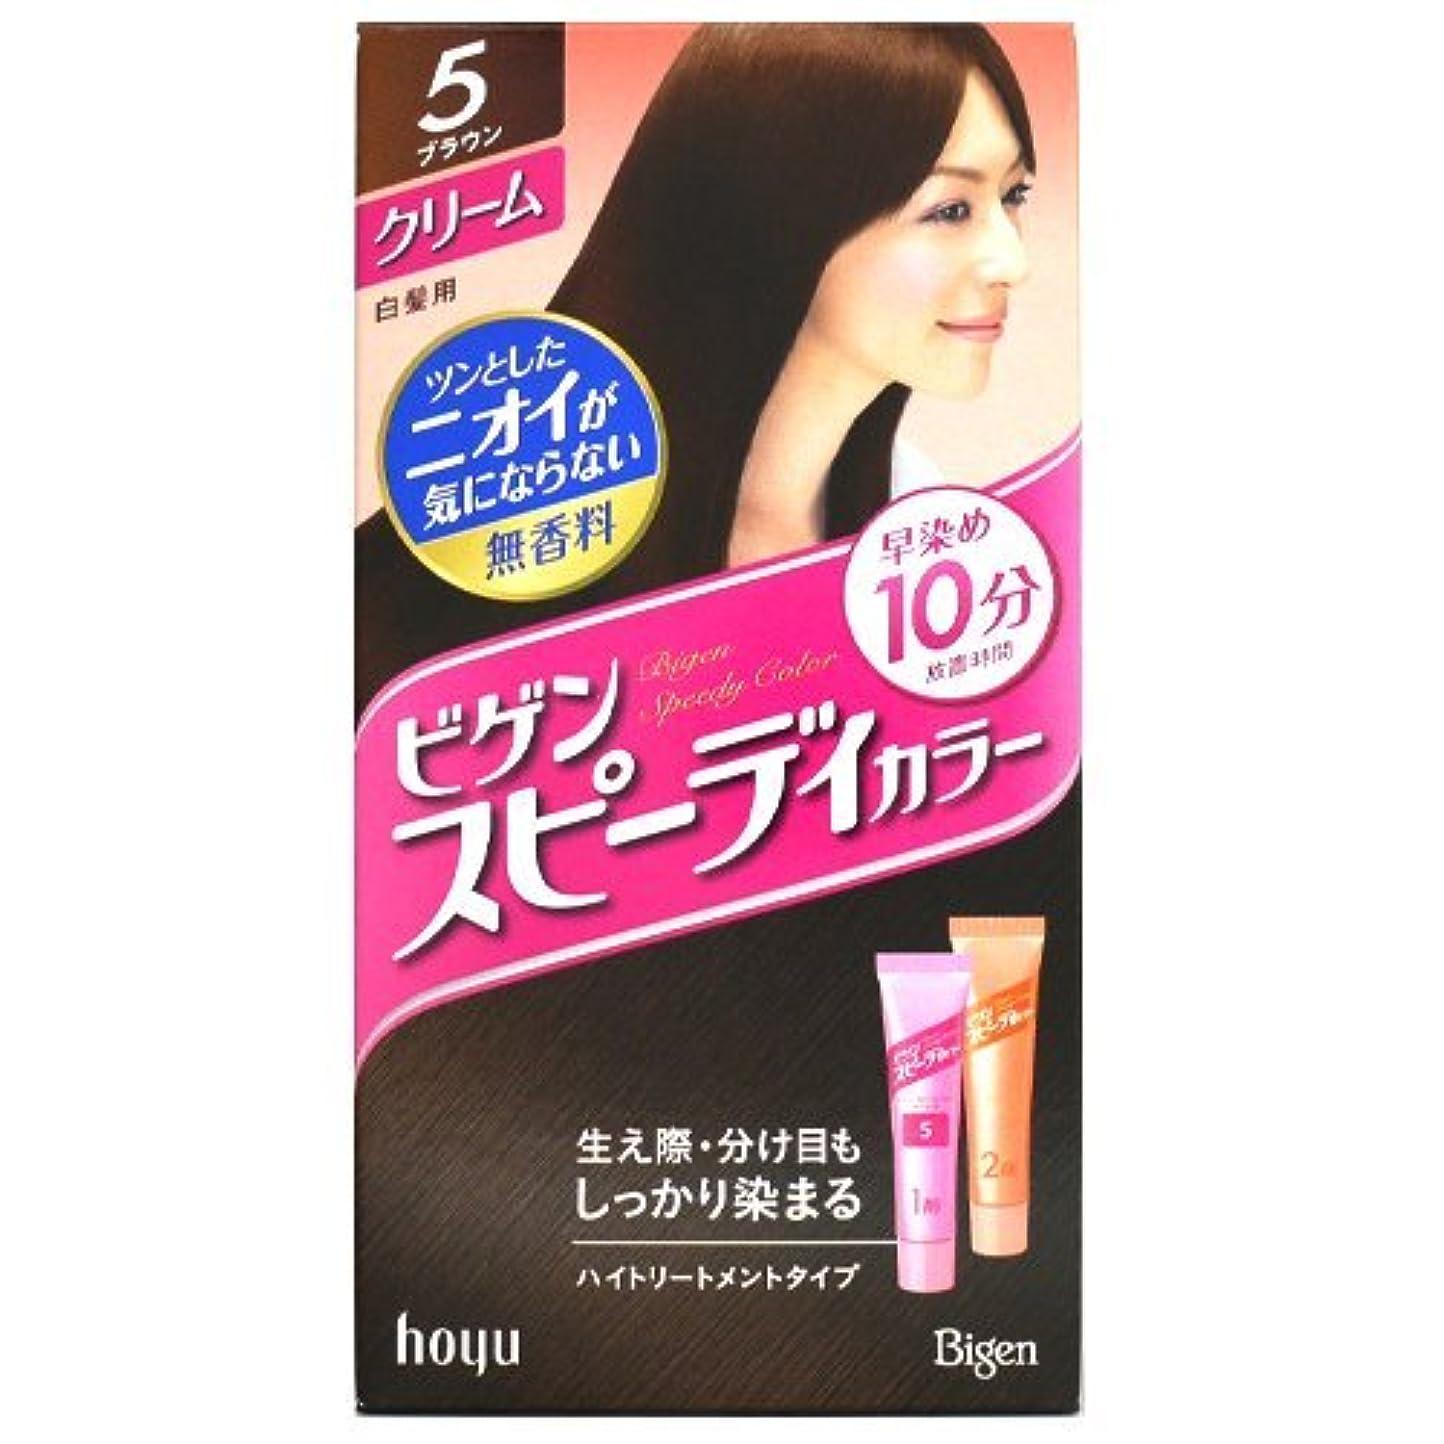 聖歌抗生物質ポンドホーユー ビゲン スピーディカラー クリーム 白髪用 【5 ブラウン】